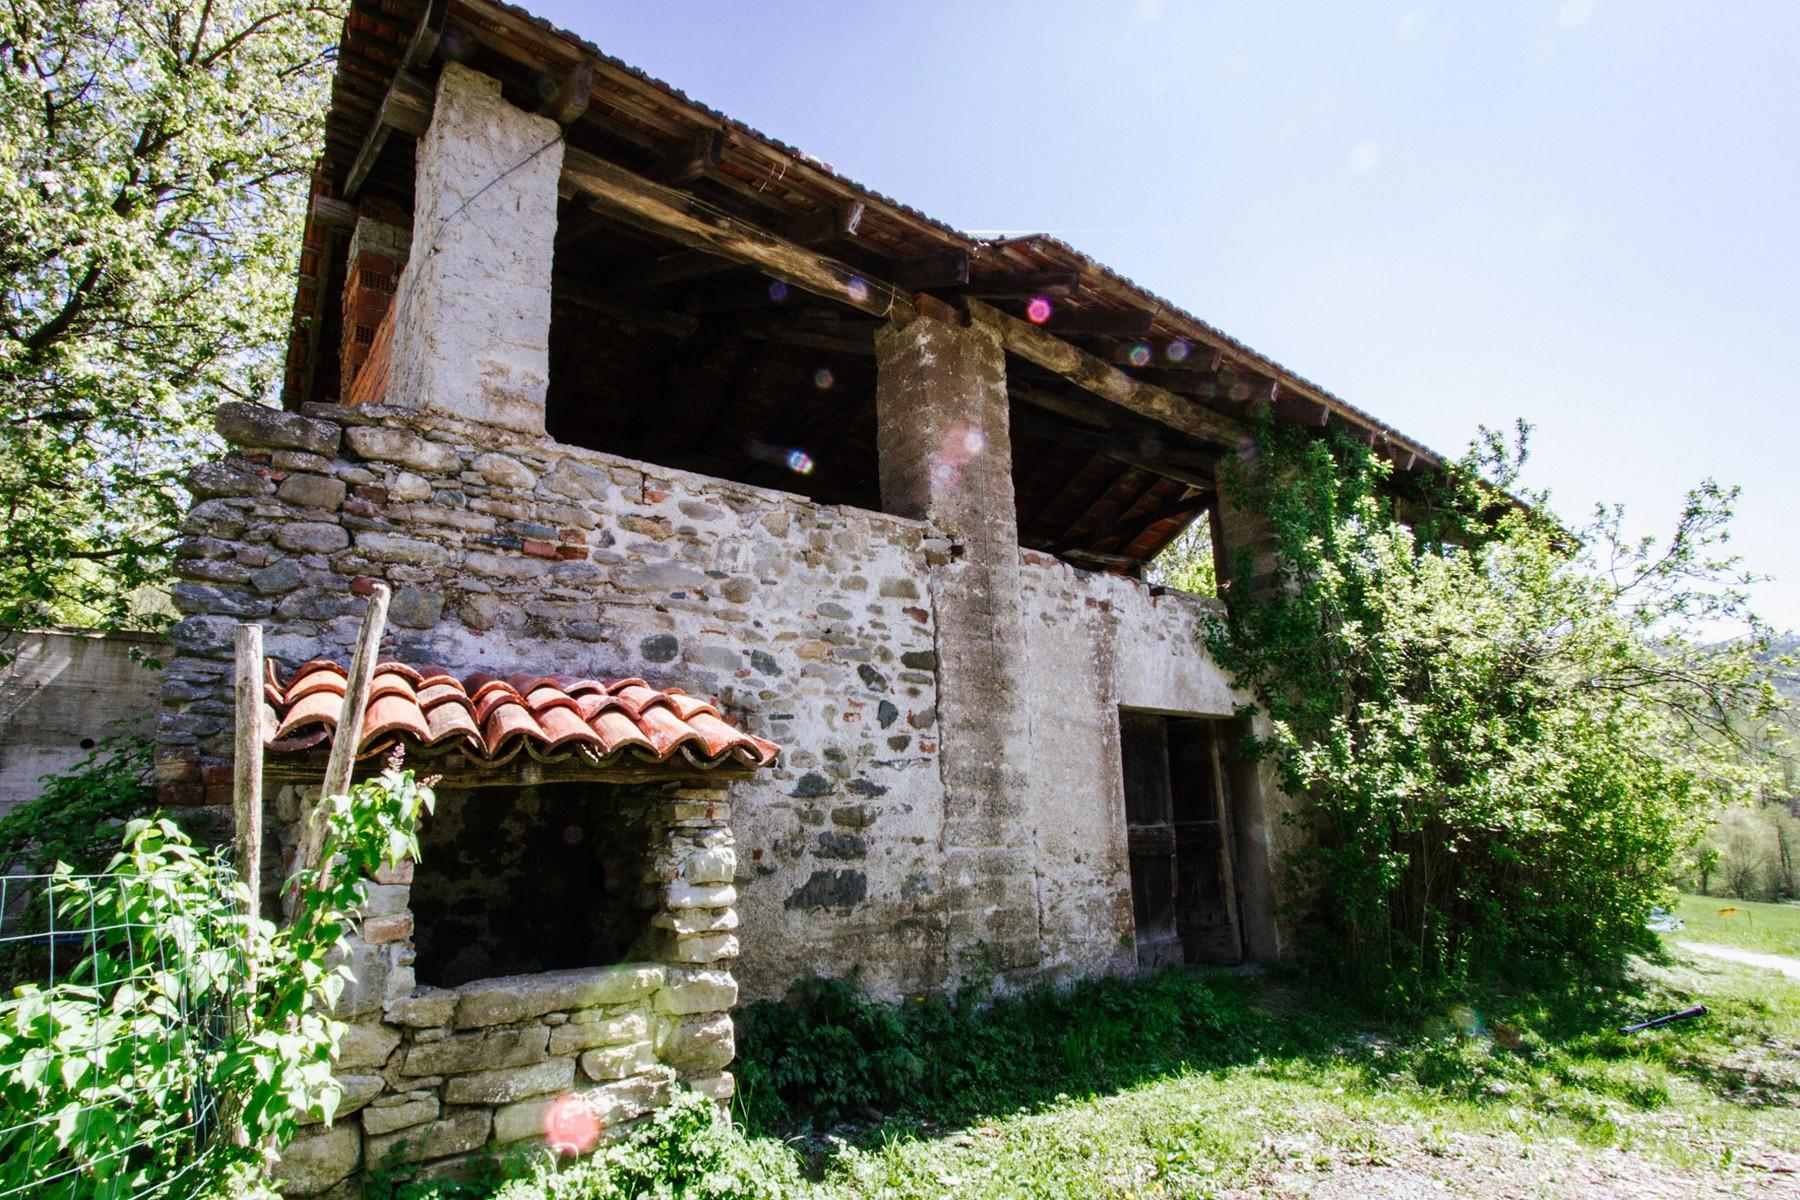 Rustico in Vendita a Malvicino: 5 locali, 320 mq - Foto 17